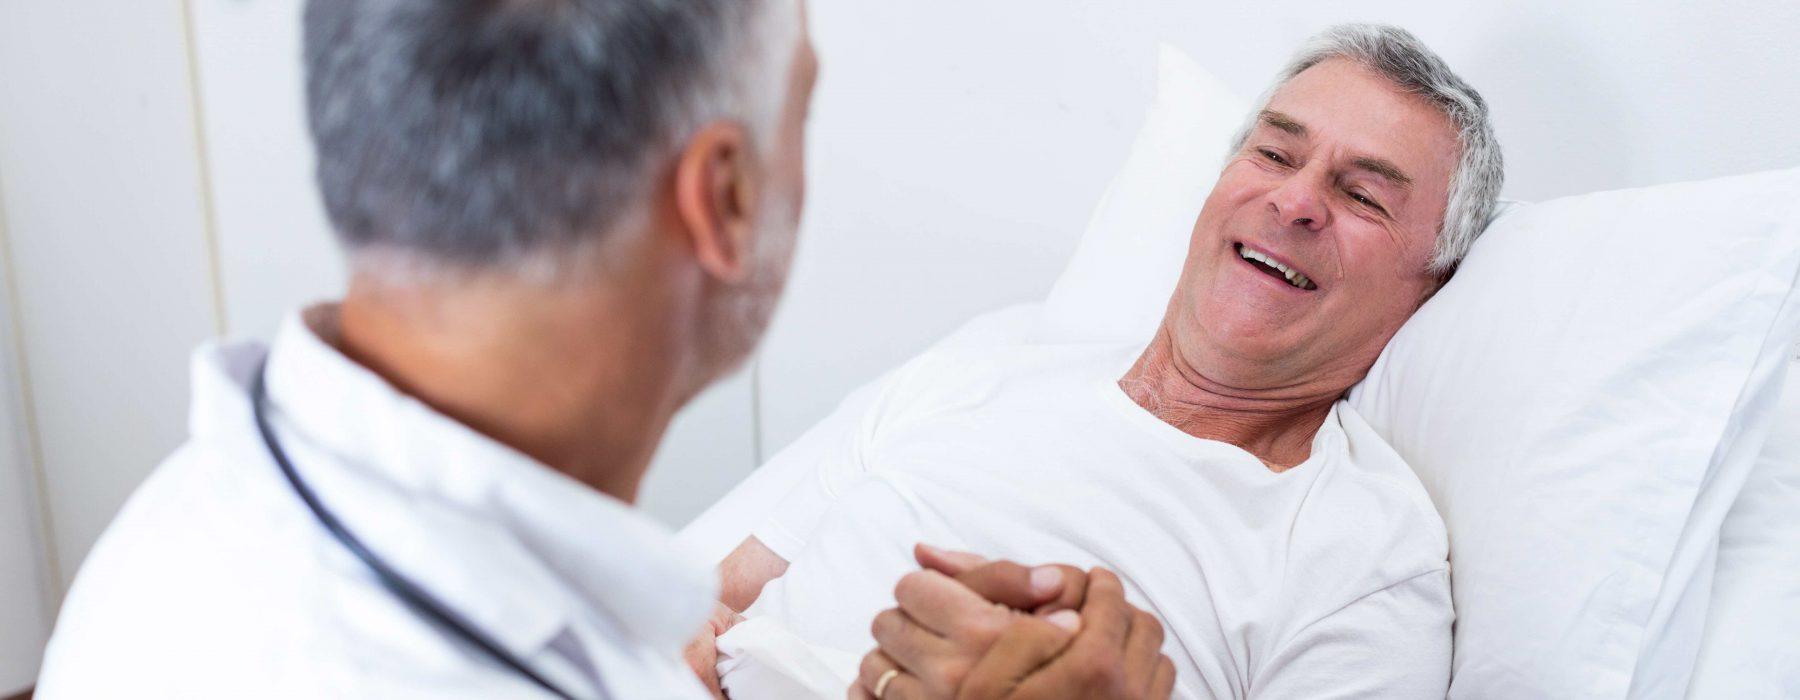 La próstata: Clave en  la salud sexual e integral del varón